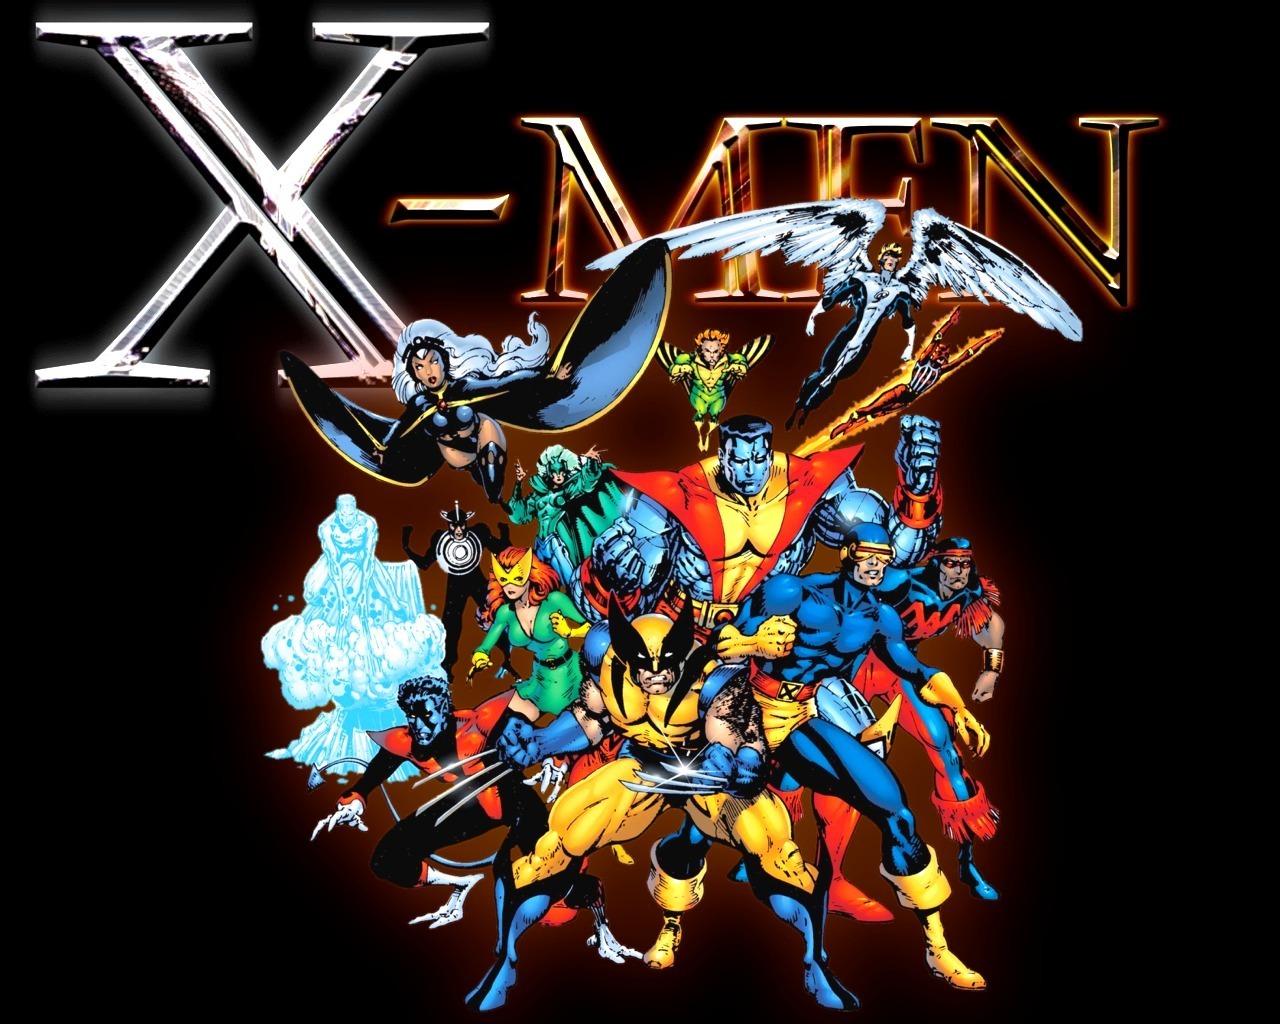 x men   X Men Wallpaper 7050808 1280x1024